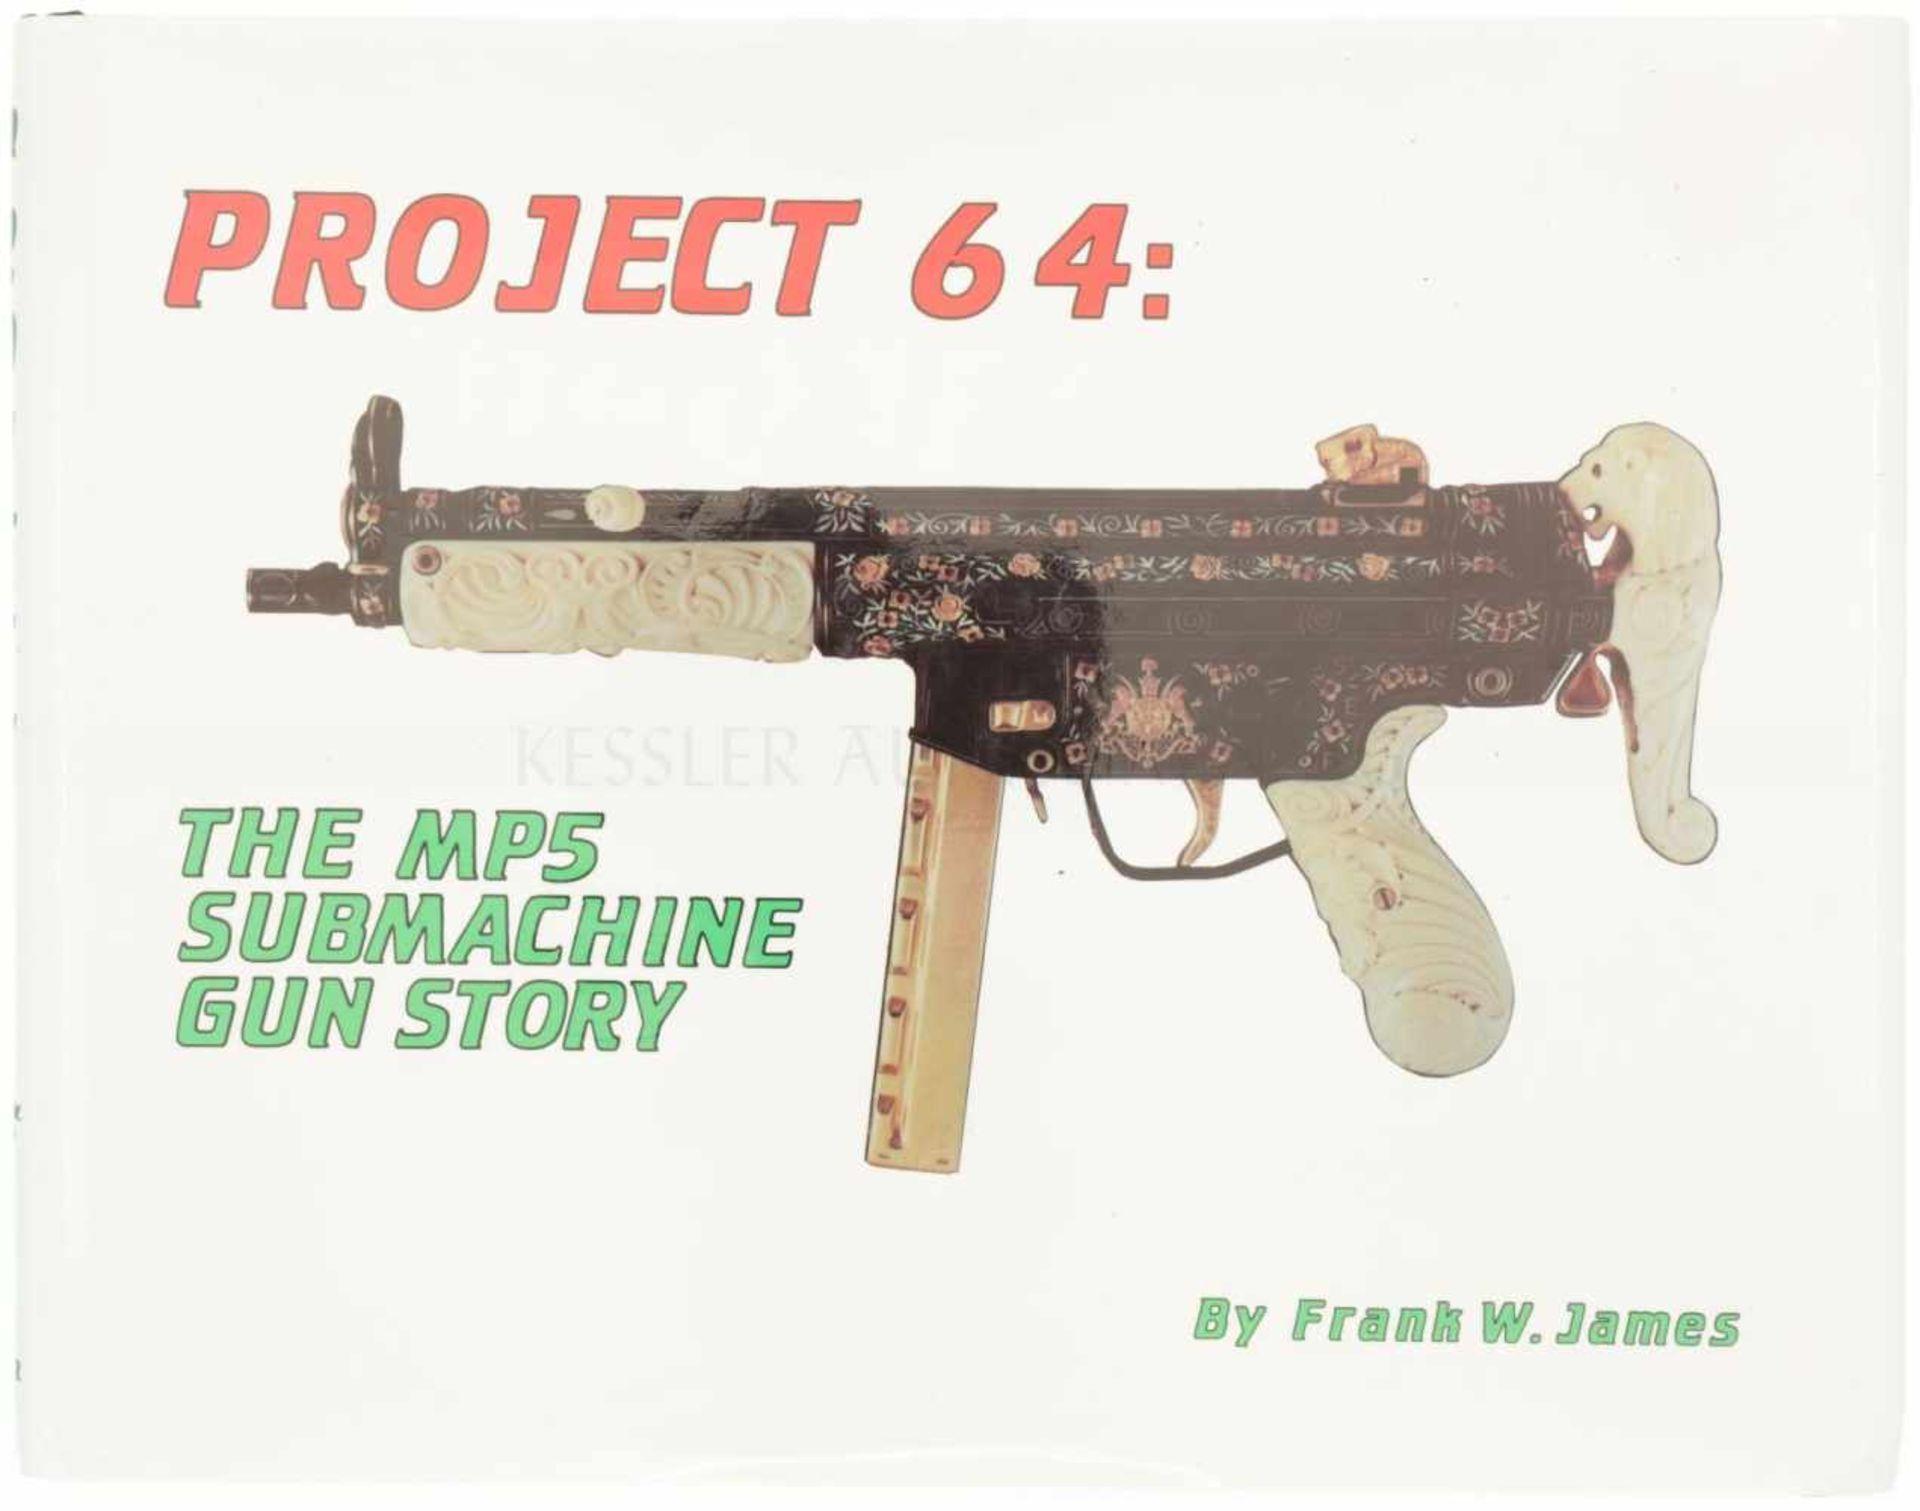 Buch, Projekt 64 The MP5 Submachine Gun Story, Frank W. James beschreibt die Geschichte der HK